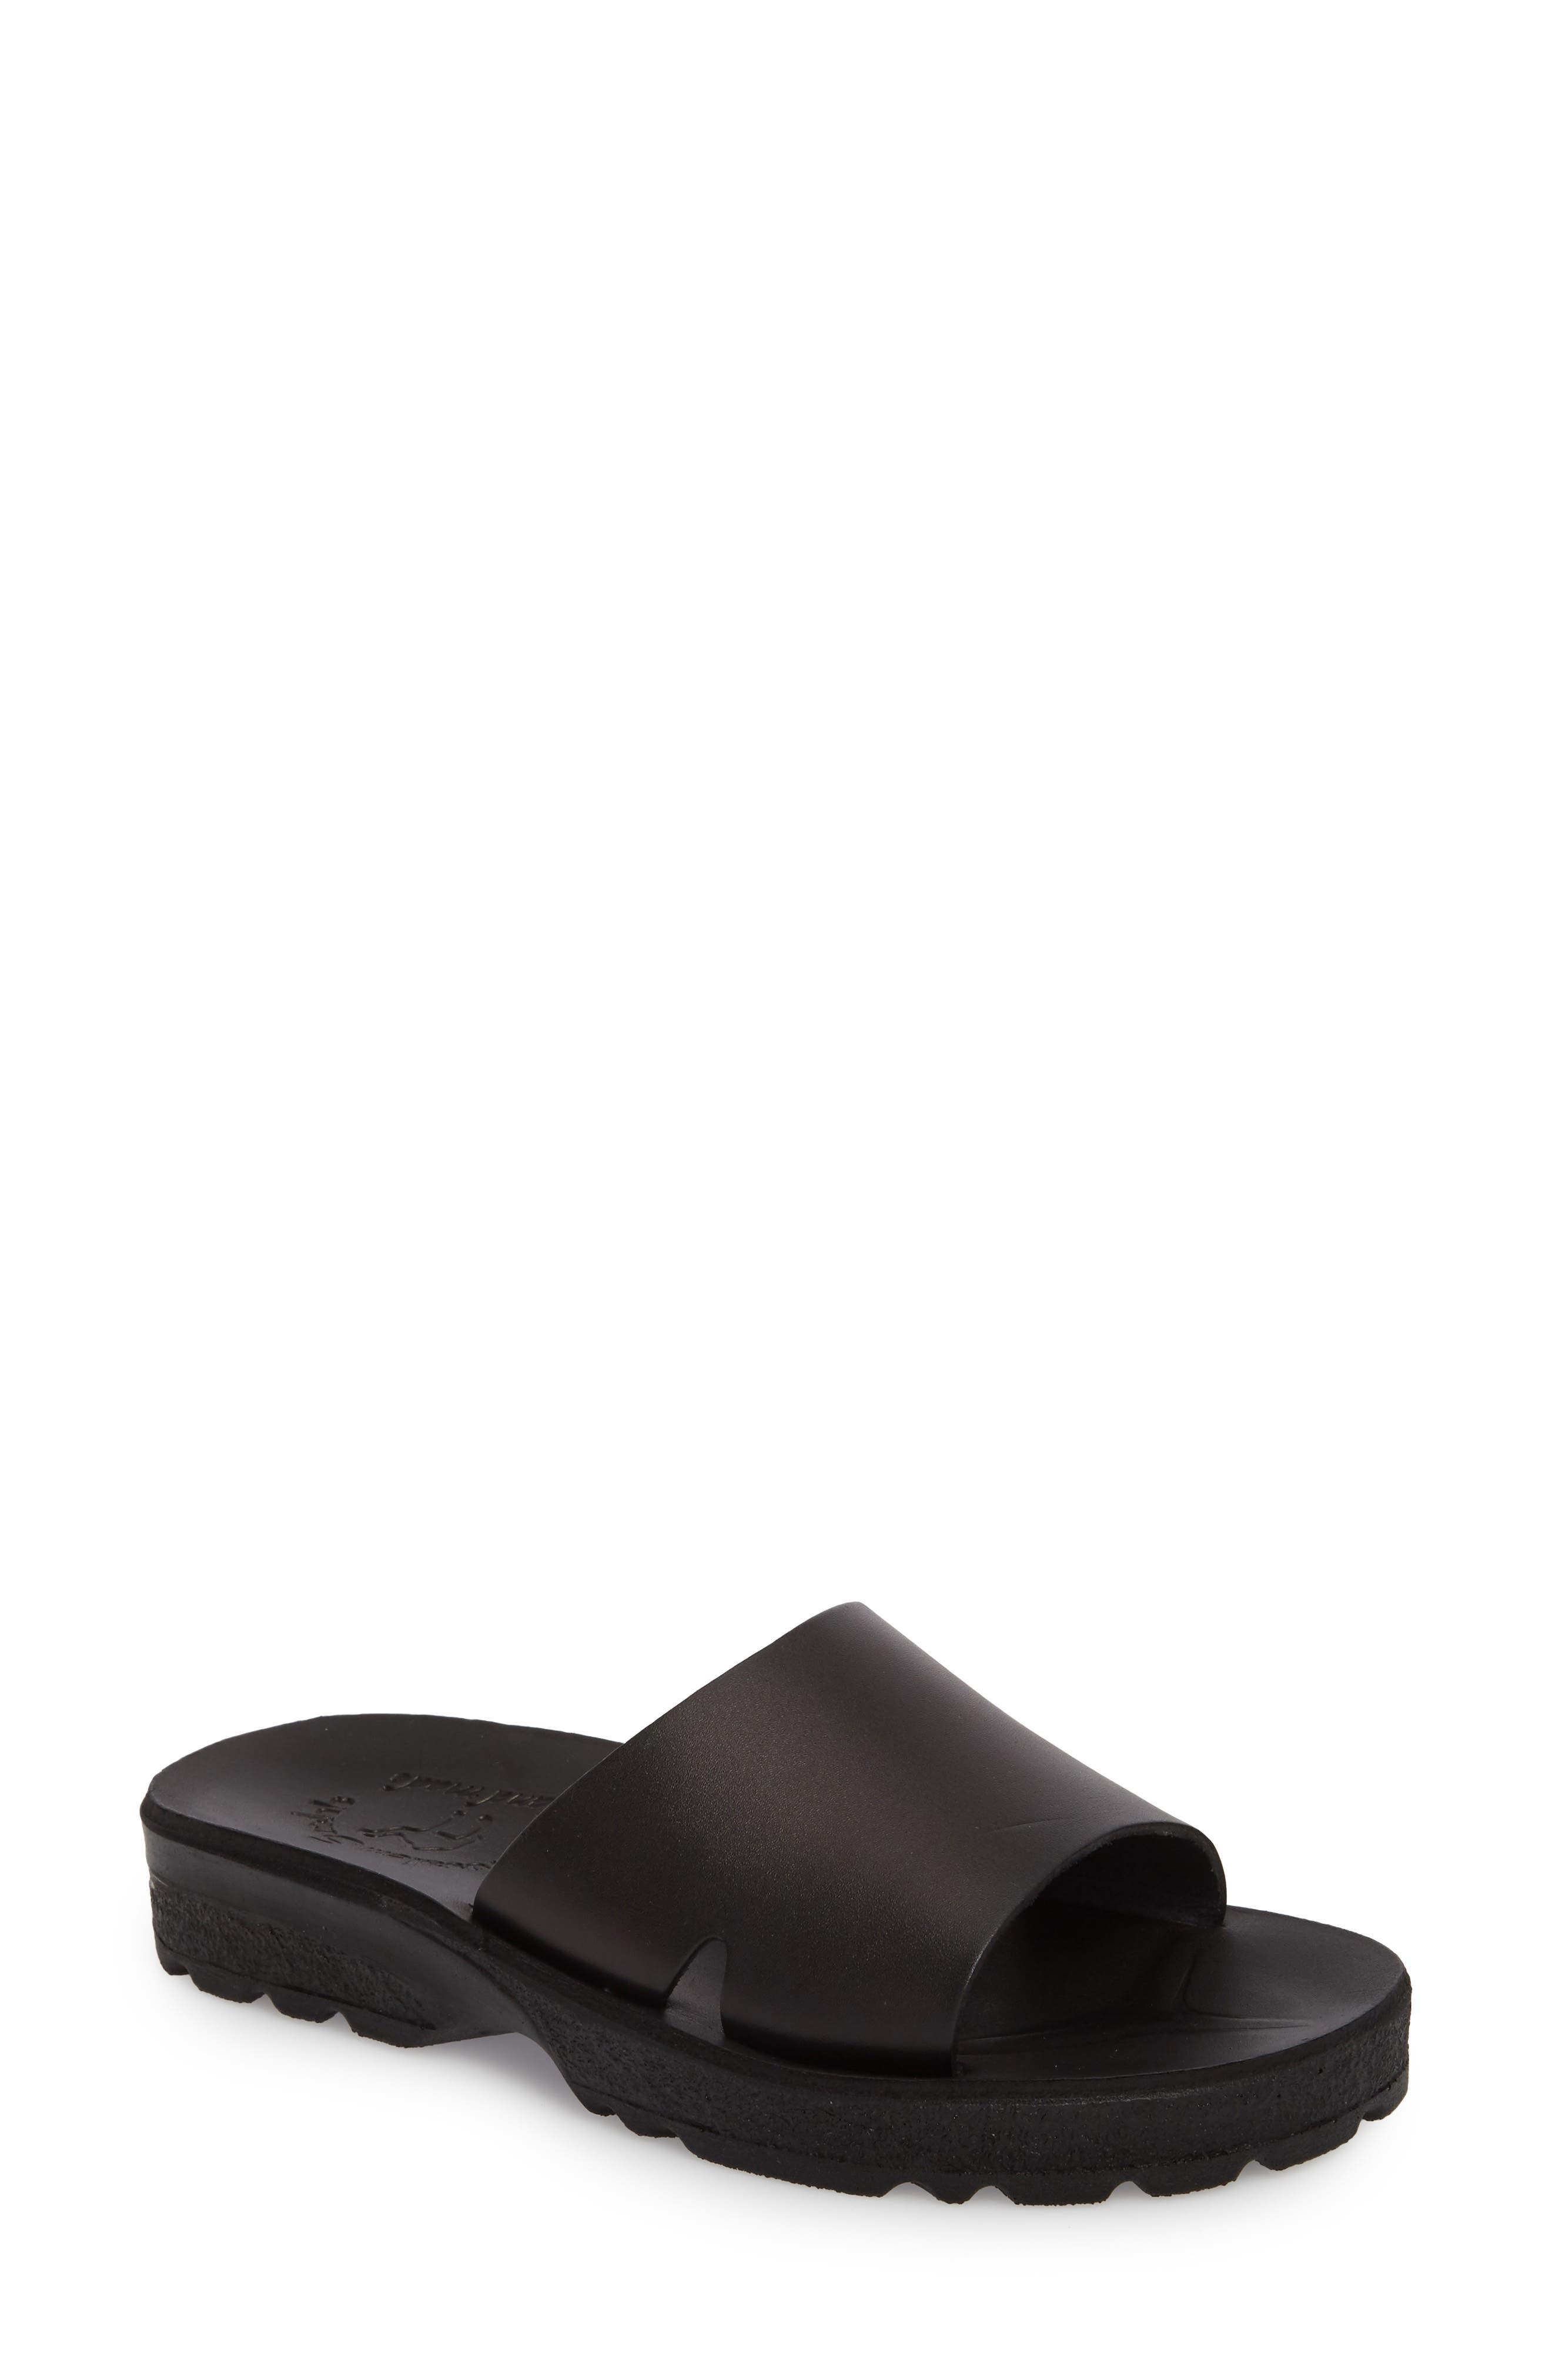 Bashn Molded Footbed Slide Sandal,                         Main,                         color, Black Leather